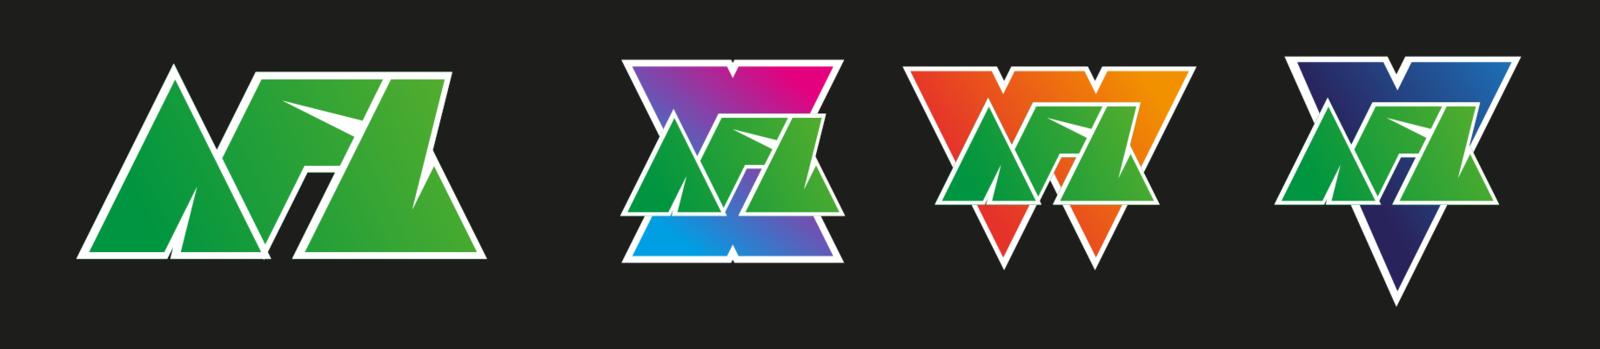 AFL new logo 03.png